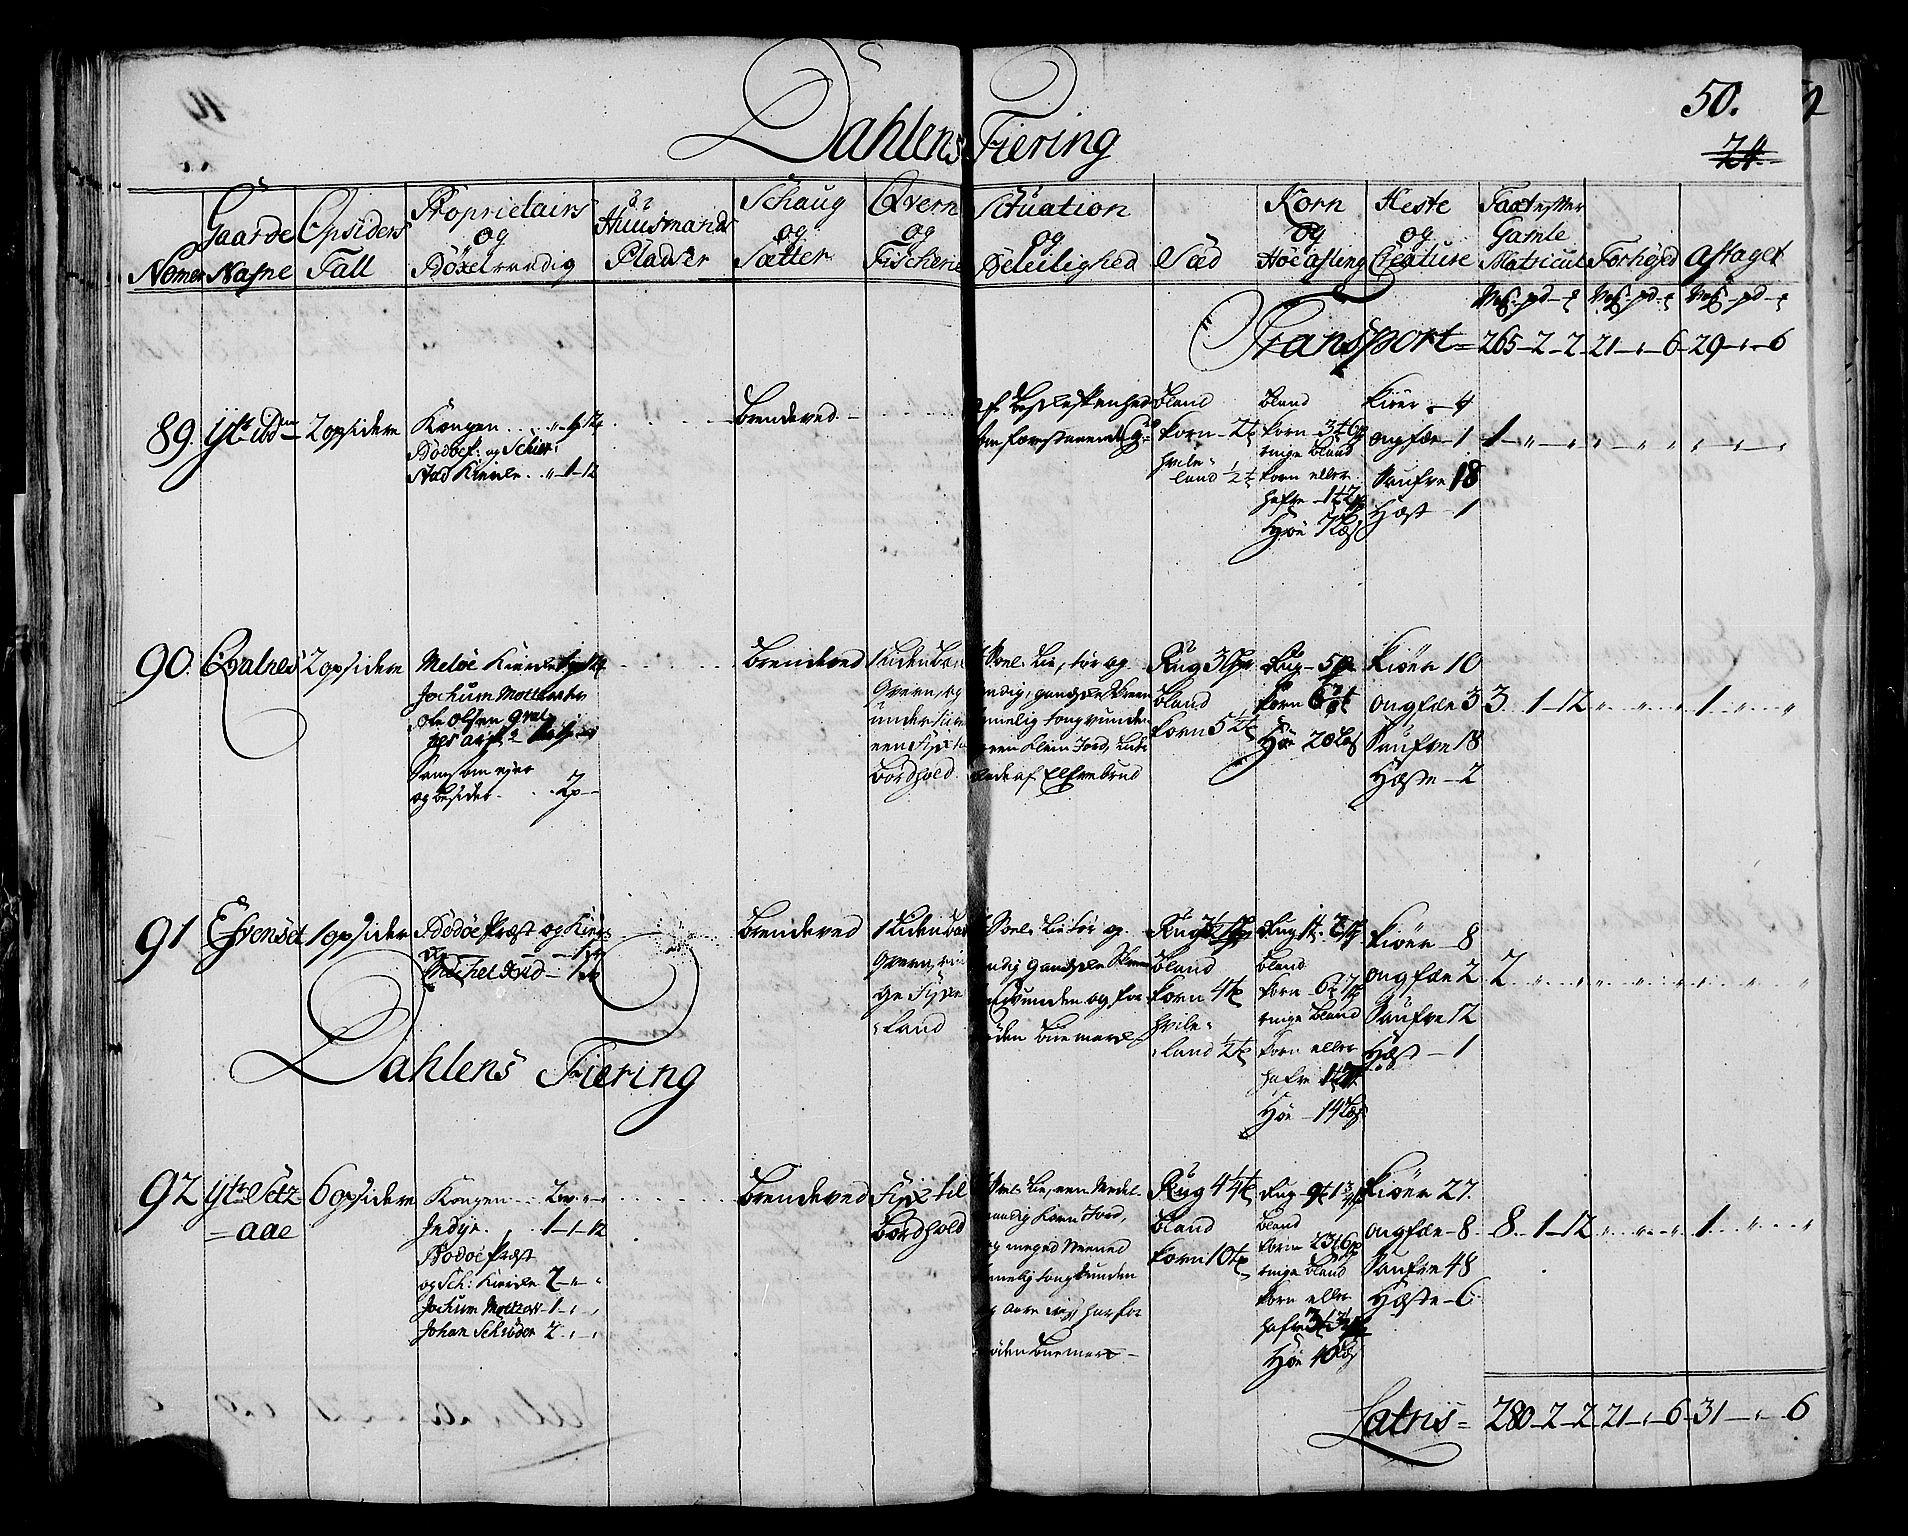 RA, Rentekammeret inntil 1814, Realistisk ordnet avdeling, N/Nb/Nbf/L0172: Salten eksaminasjonsprotokoll, 1723, s. 49b-50a